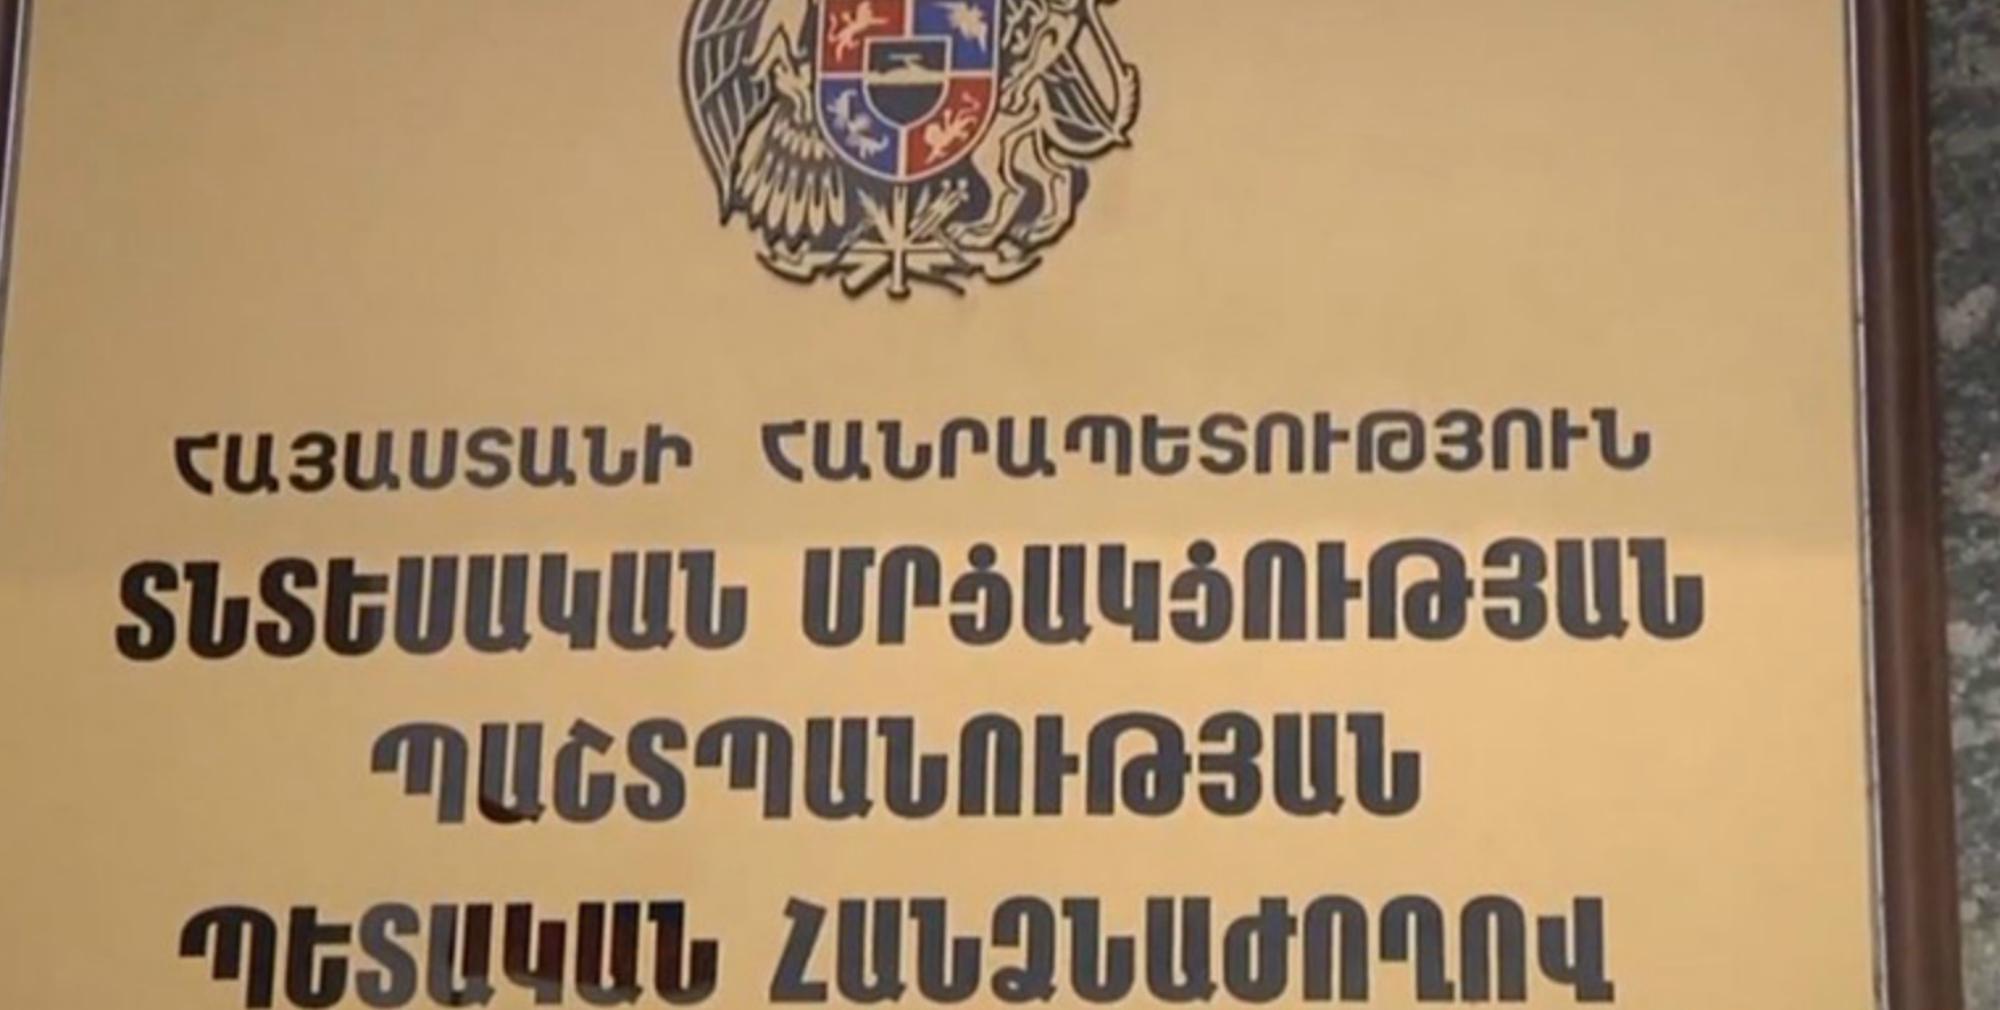 ՏՄՊՊՀ-ն հրապարակել է ձեռքի ախտահանիչ միջոցների և դիմակների գների մոնիթորինգի արդյունքները